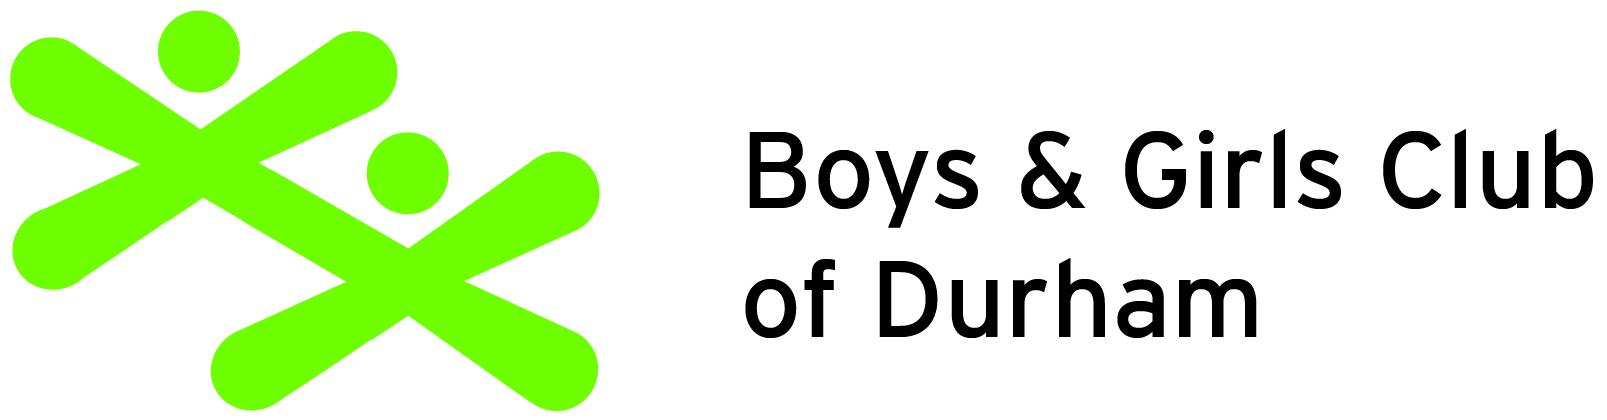 Boys & Girls Club of Durham